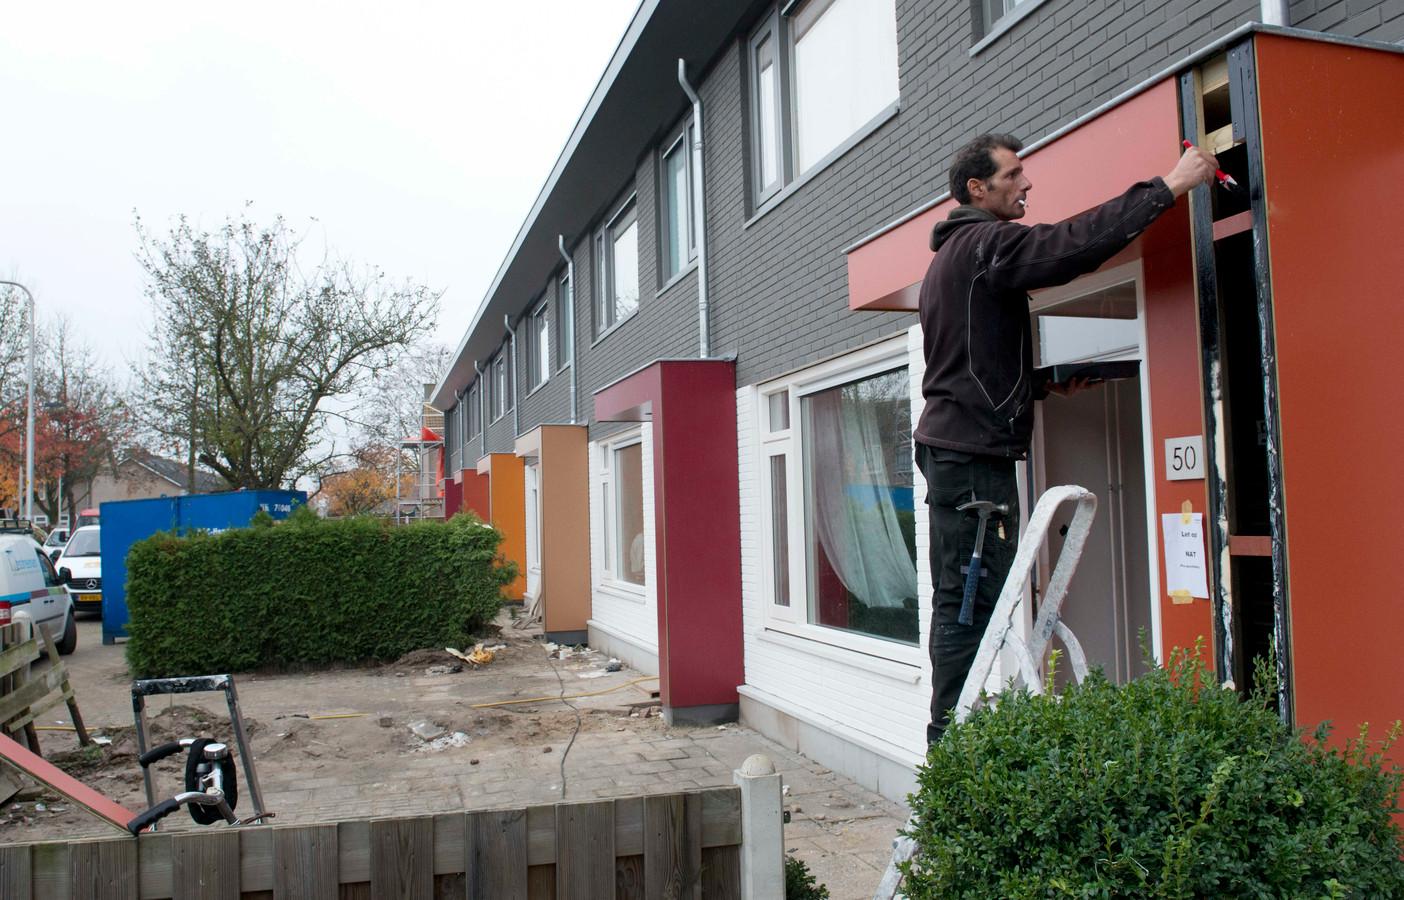 Renovatie van woningen van KleurrijkWonen aan de Van Hogendorpstraat in Culemborg.